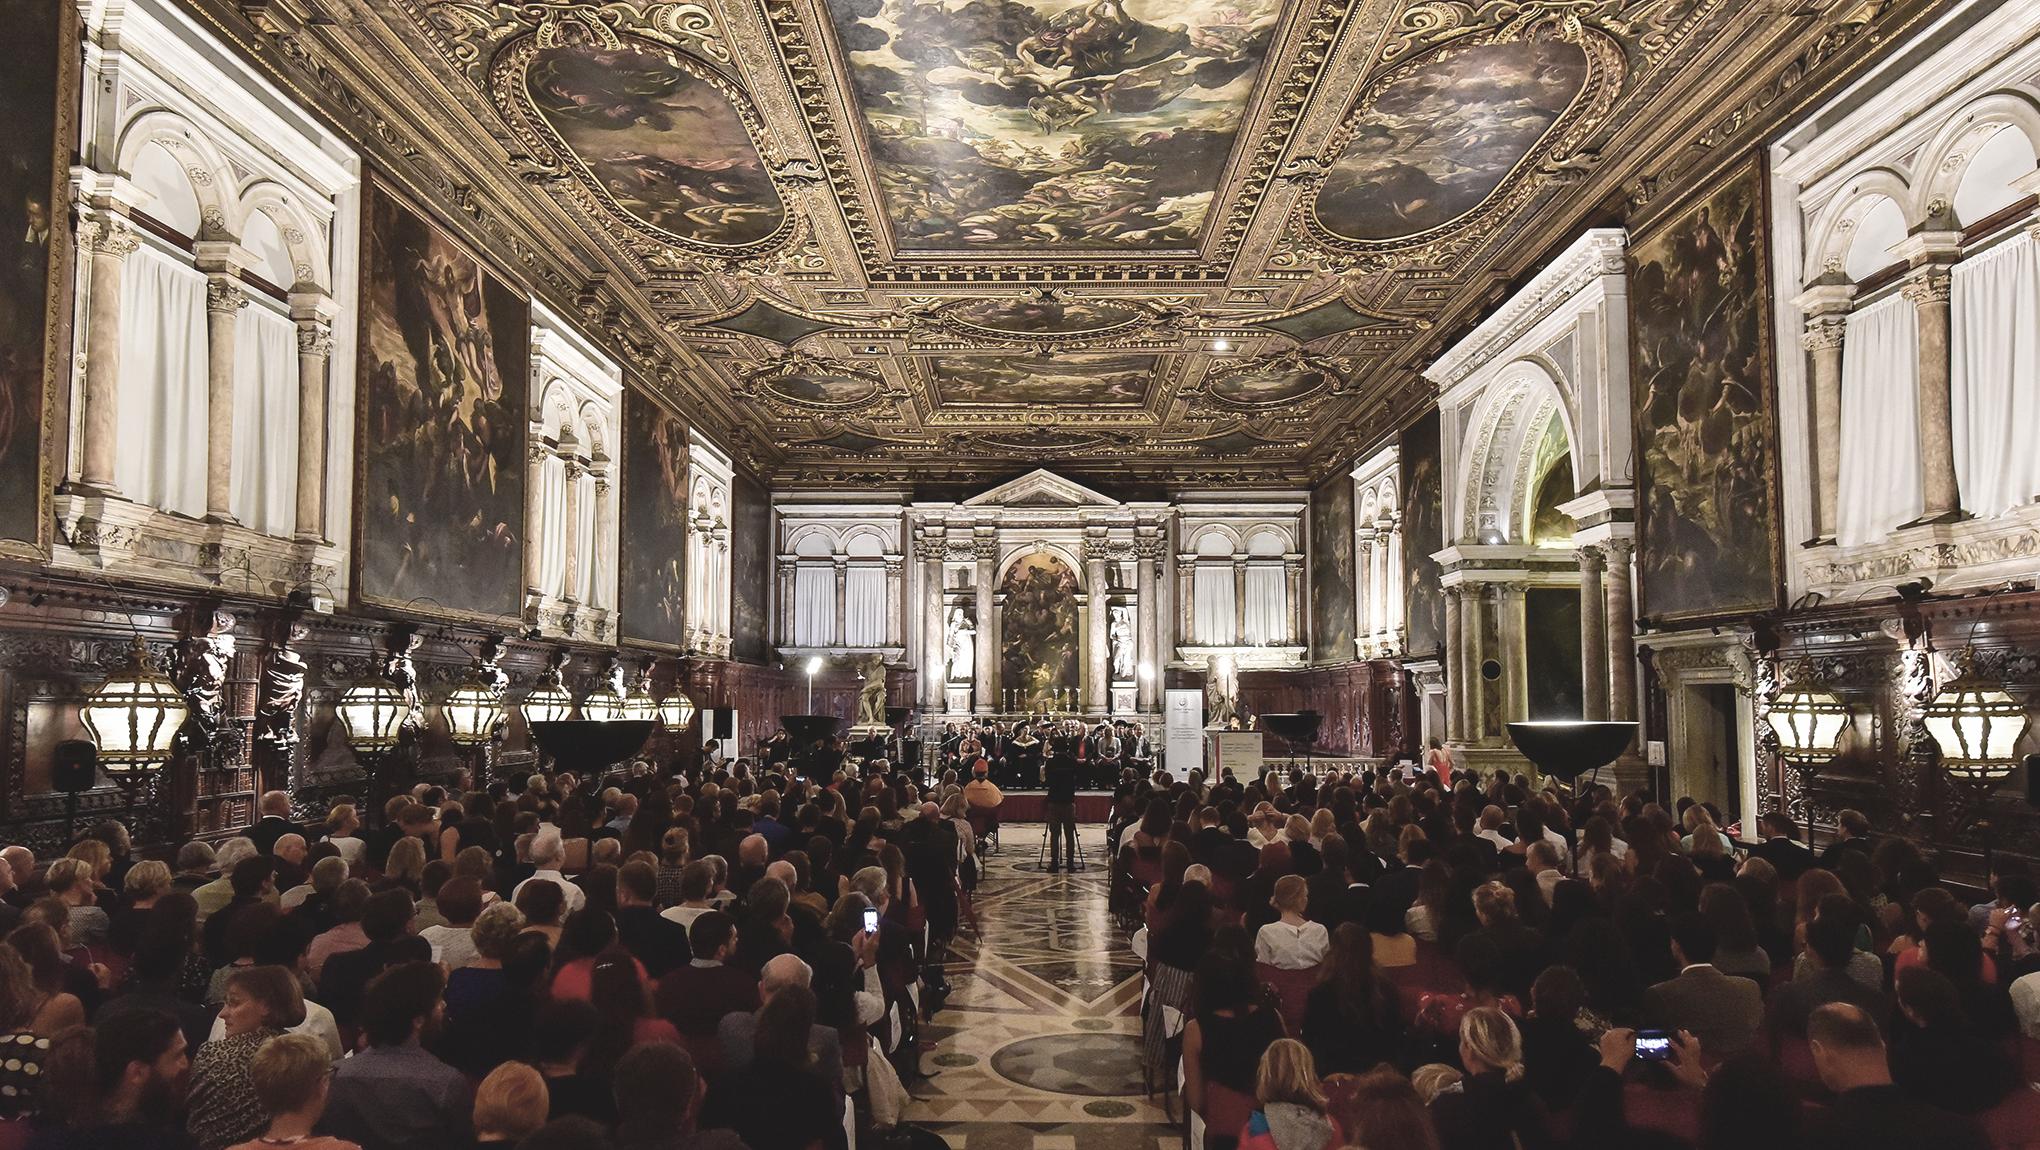 """Cerimonia di consegna dei Diplomi del """"Master Europeo in Diritti Umani e Democratizzazione"""" Anno accademico 2018/2019"""